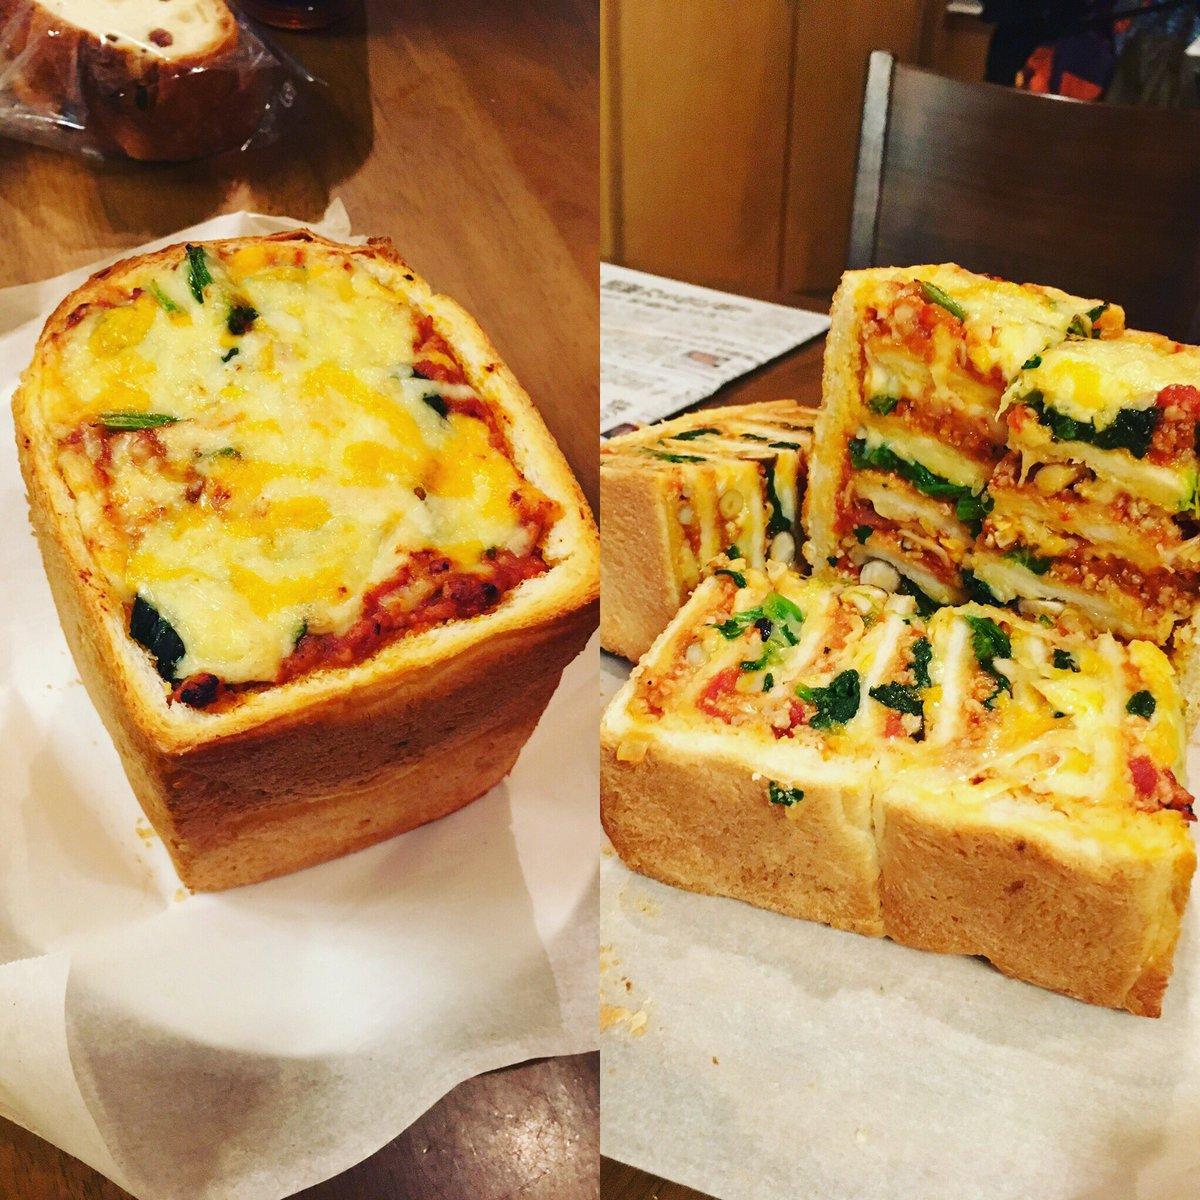 パン一斤使用してます。次回はホワイトソースを追加してチーズをもっとたっぷりと使用してつくるらしい\u2026。 まだ試作品。 俺の晩飯 ギャル曽根レシピ